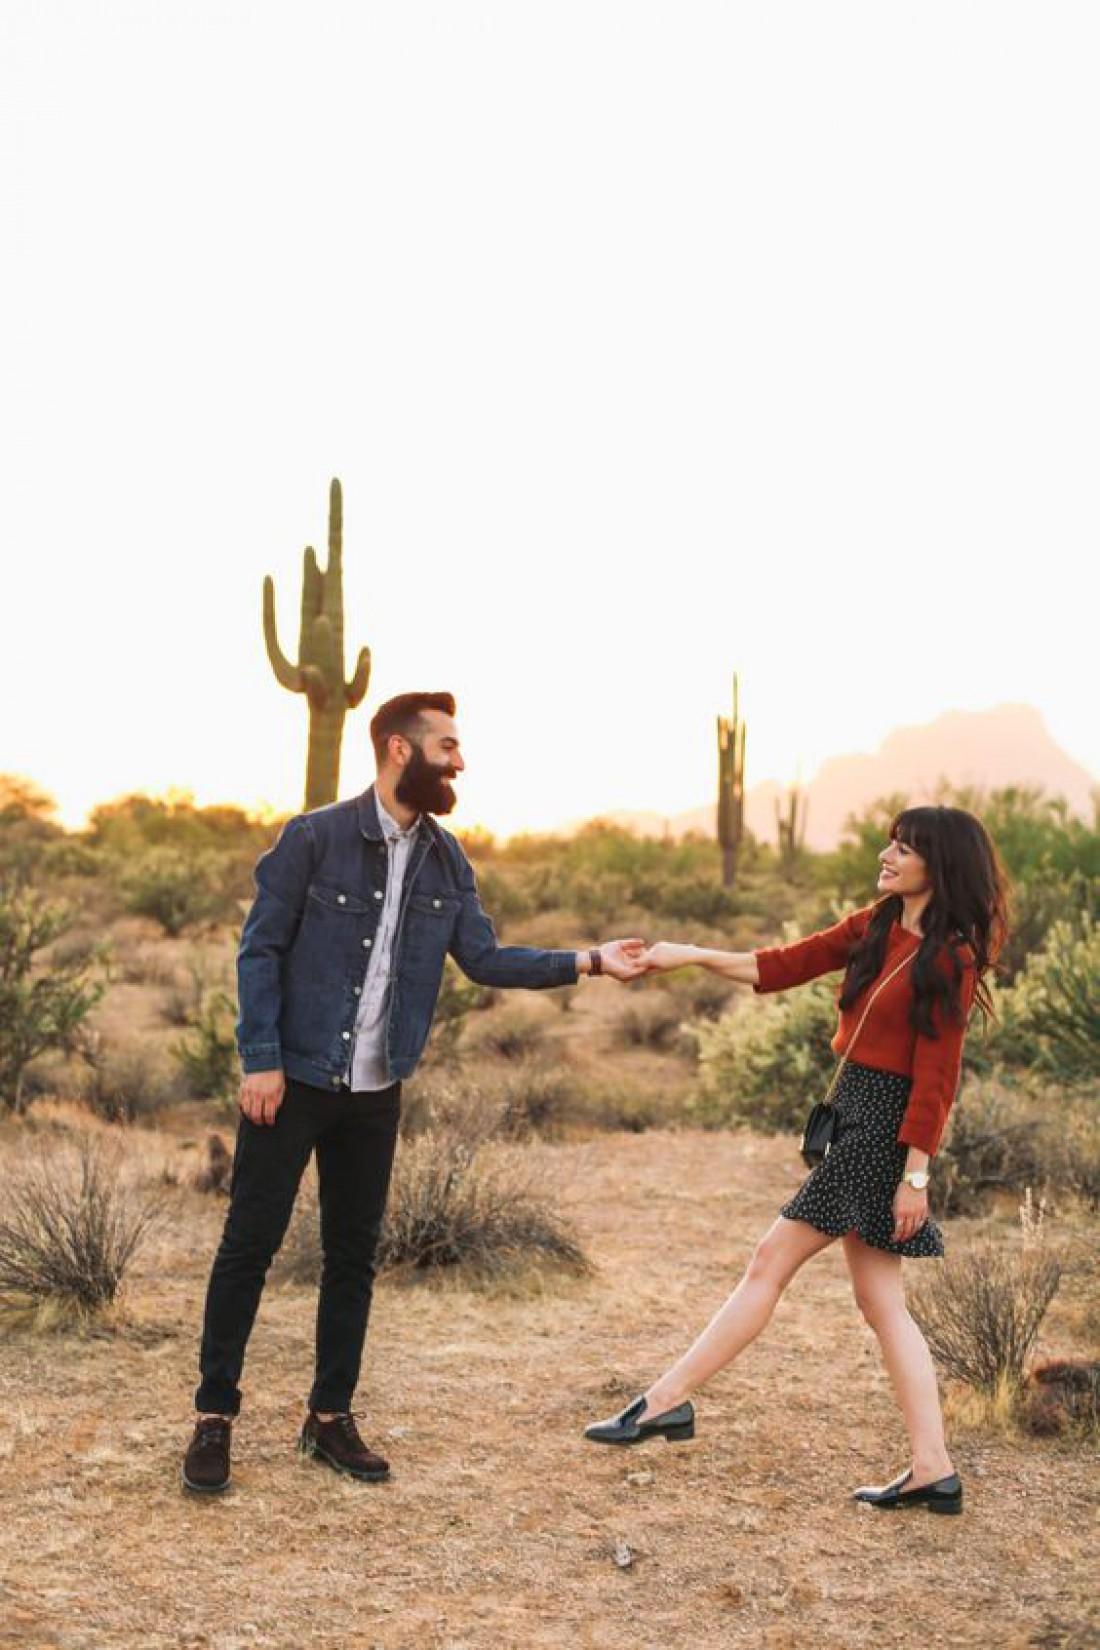 ТОП-5 самых глупых вопросов женщин к возлюбленным